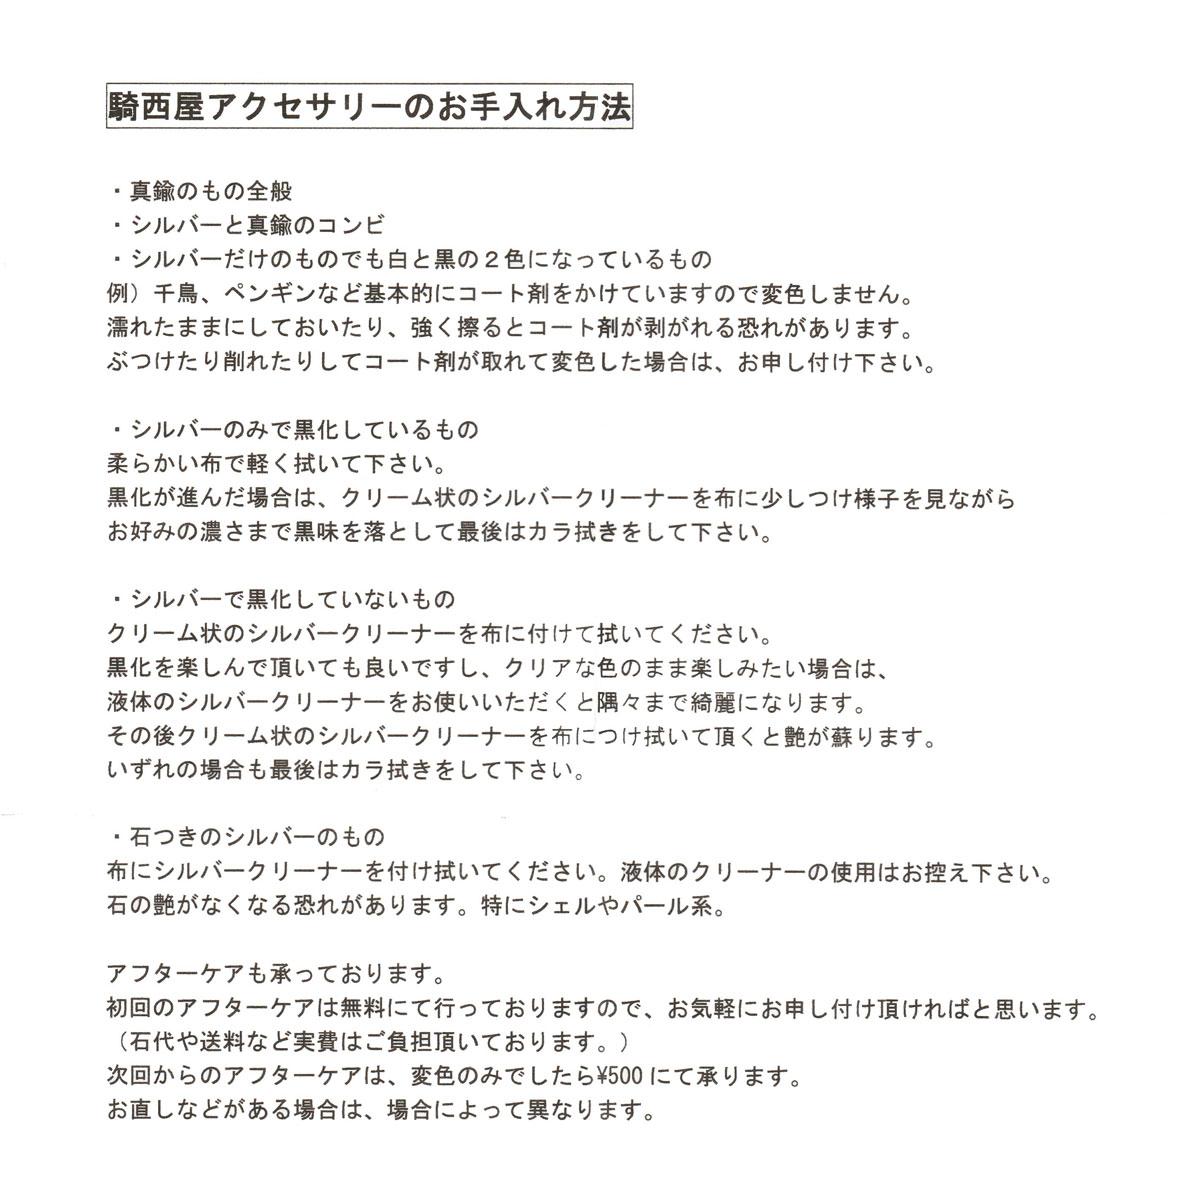 帯留 瑞雲 【騎西屋】